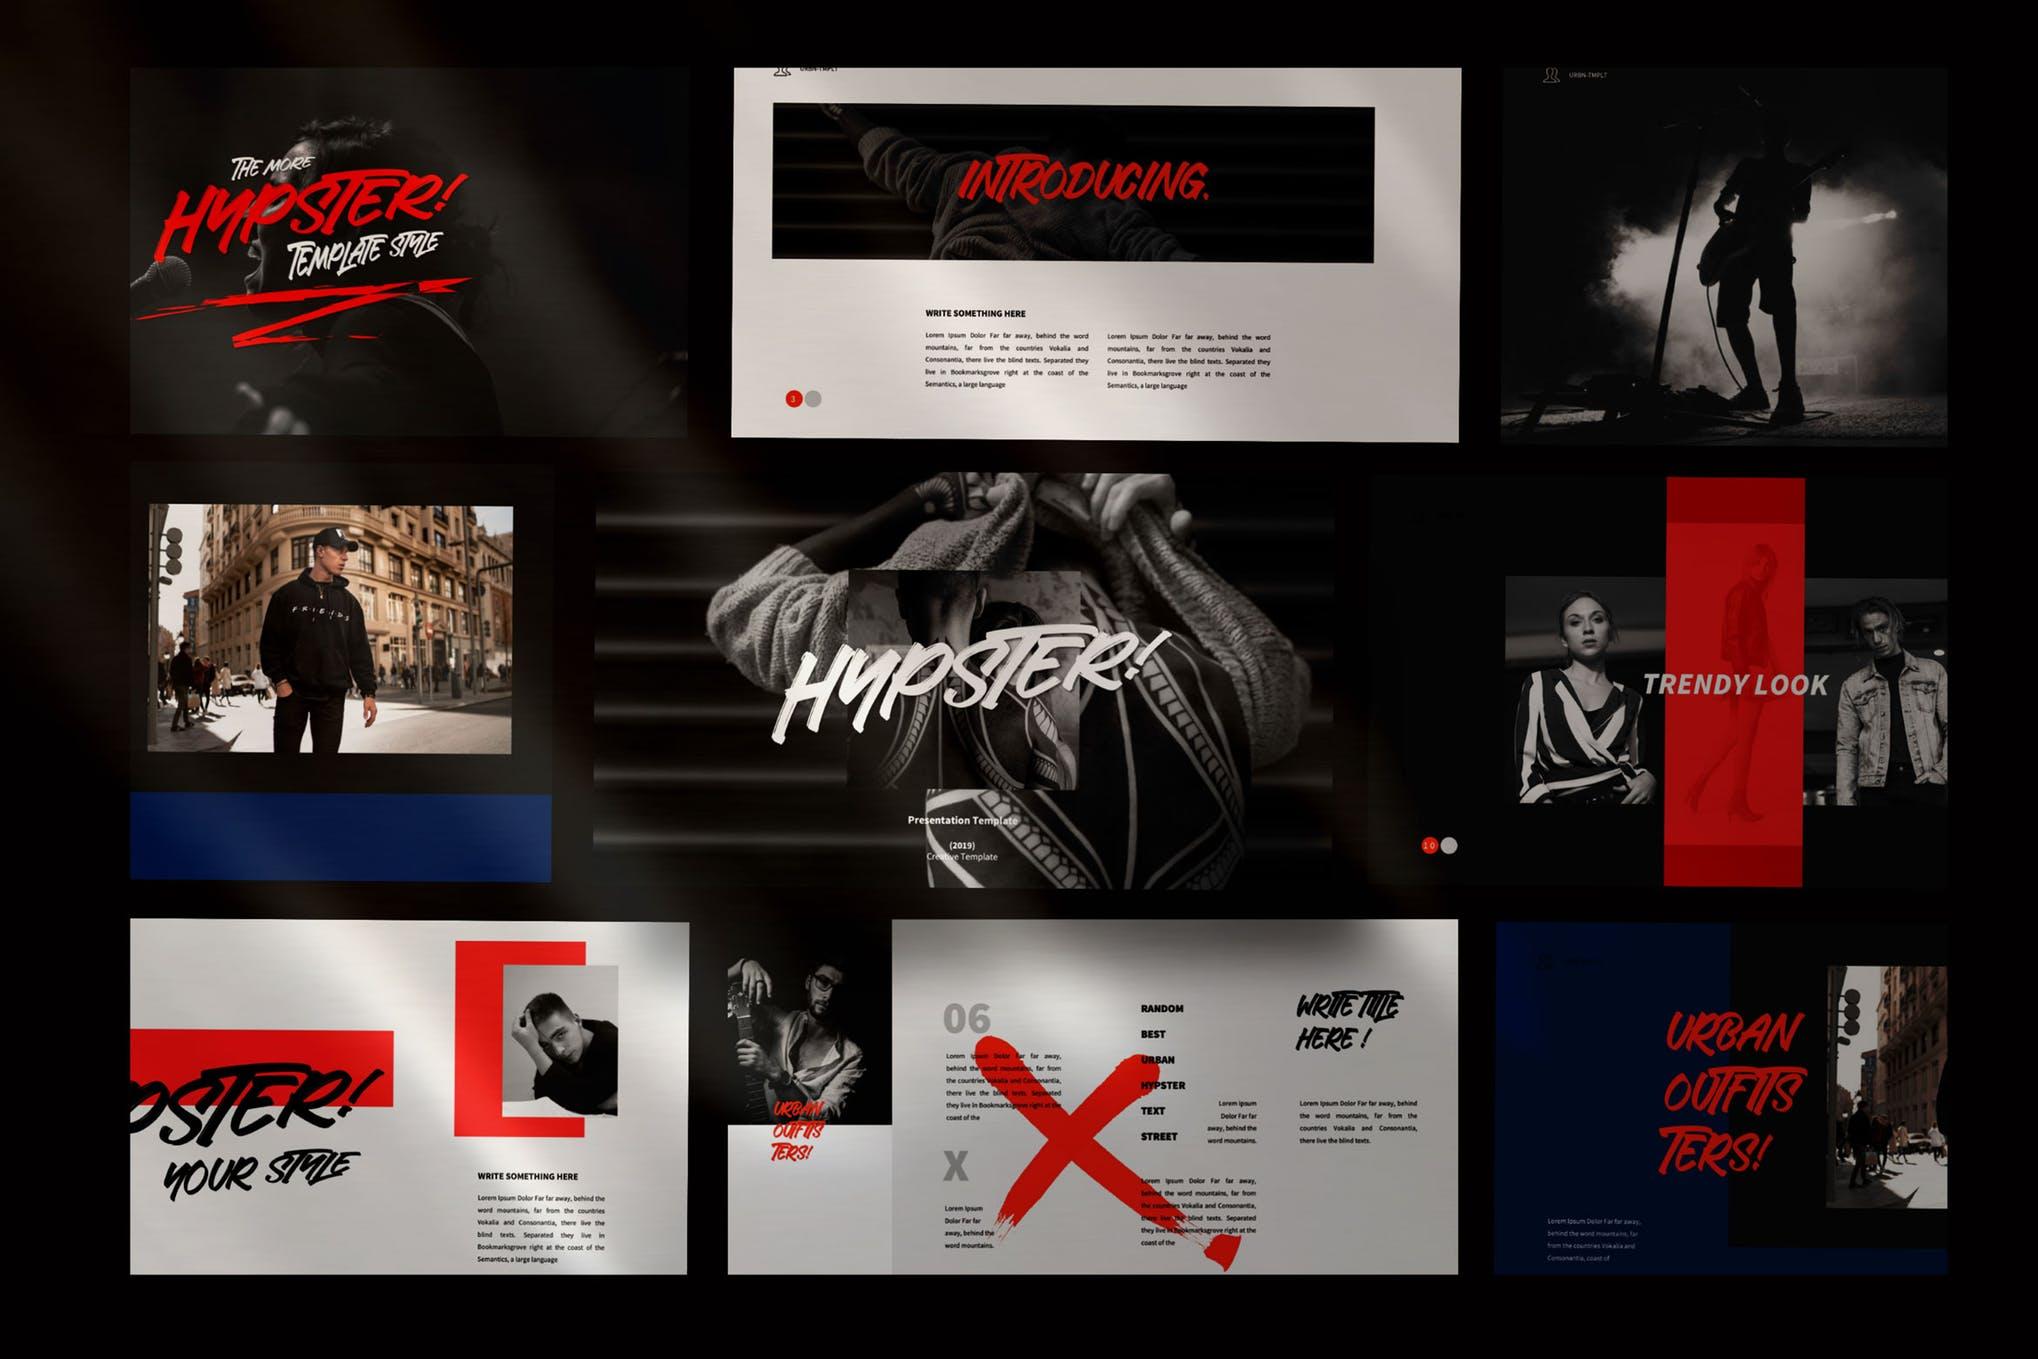 时尚多用途服装品牌摄影作品集PPT幻灯片模板素材 Hypester – urban design creative powerpoint插图(1)